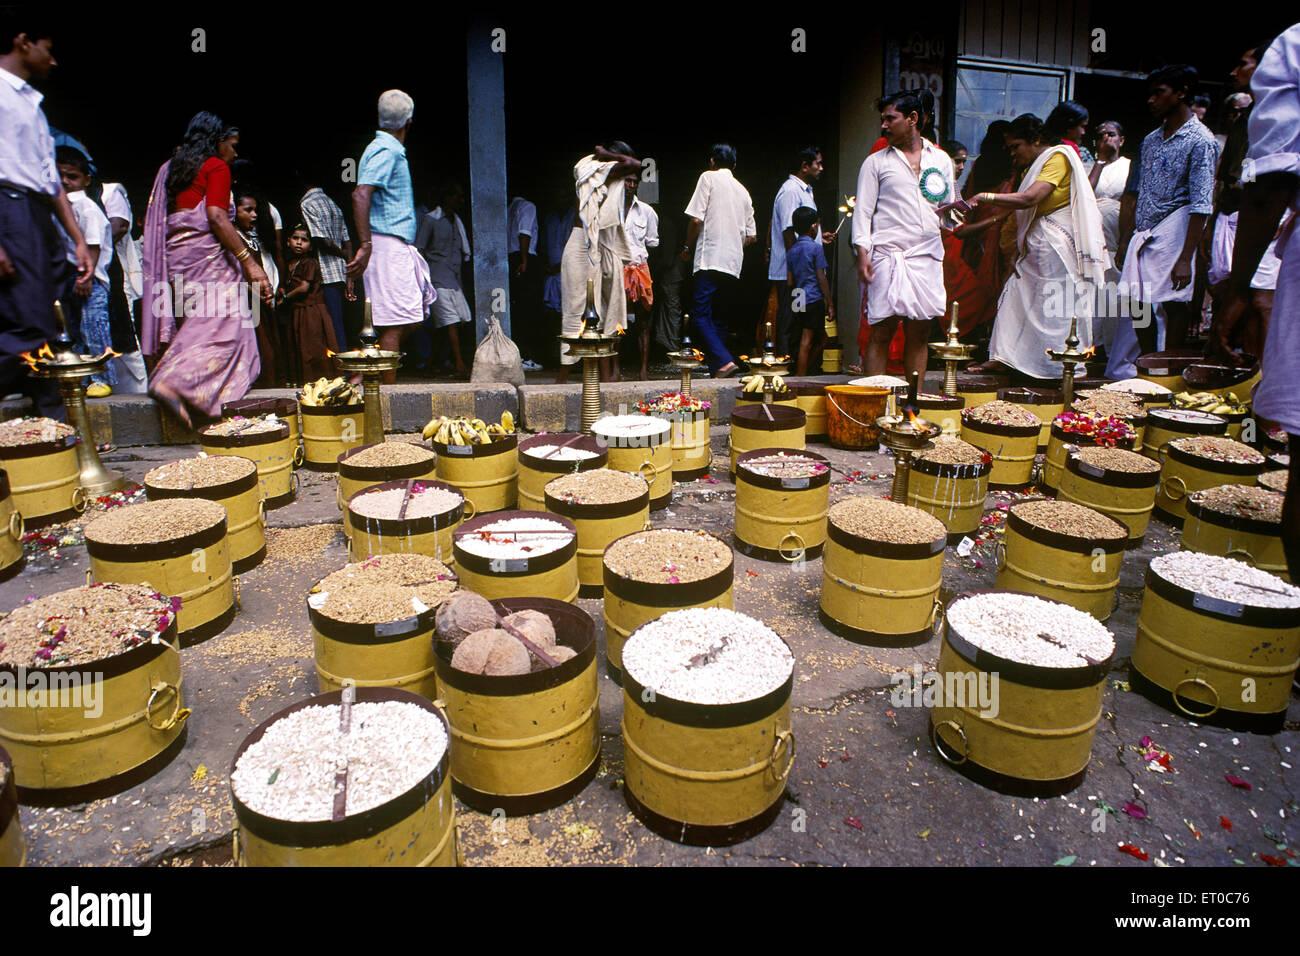 Para offrant une pleine mesure de riz paddy à l'Éternel, dans la région de Trichur Pooram Thrissur Photo Stock